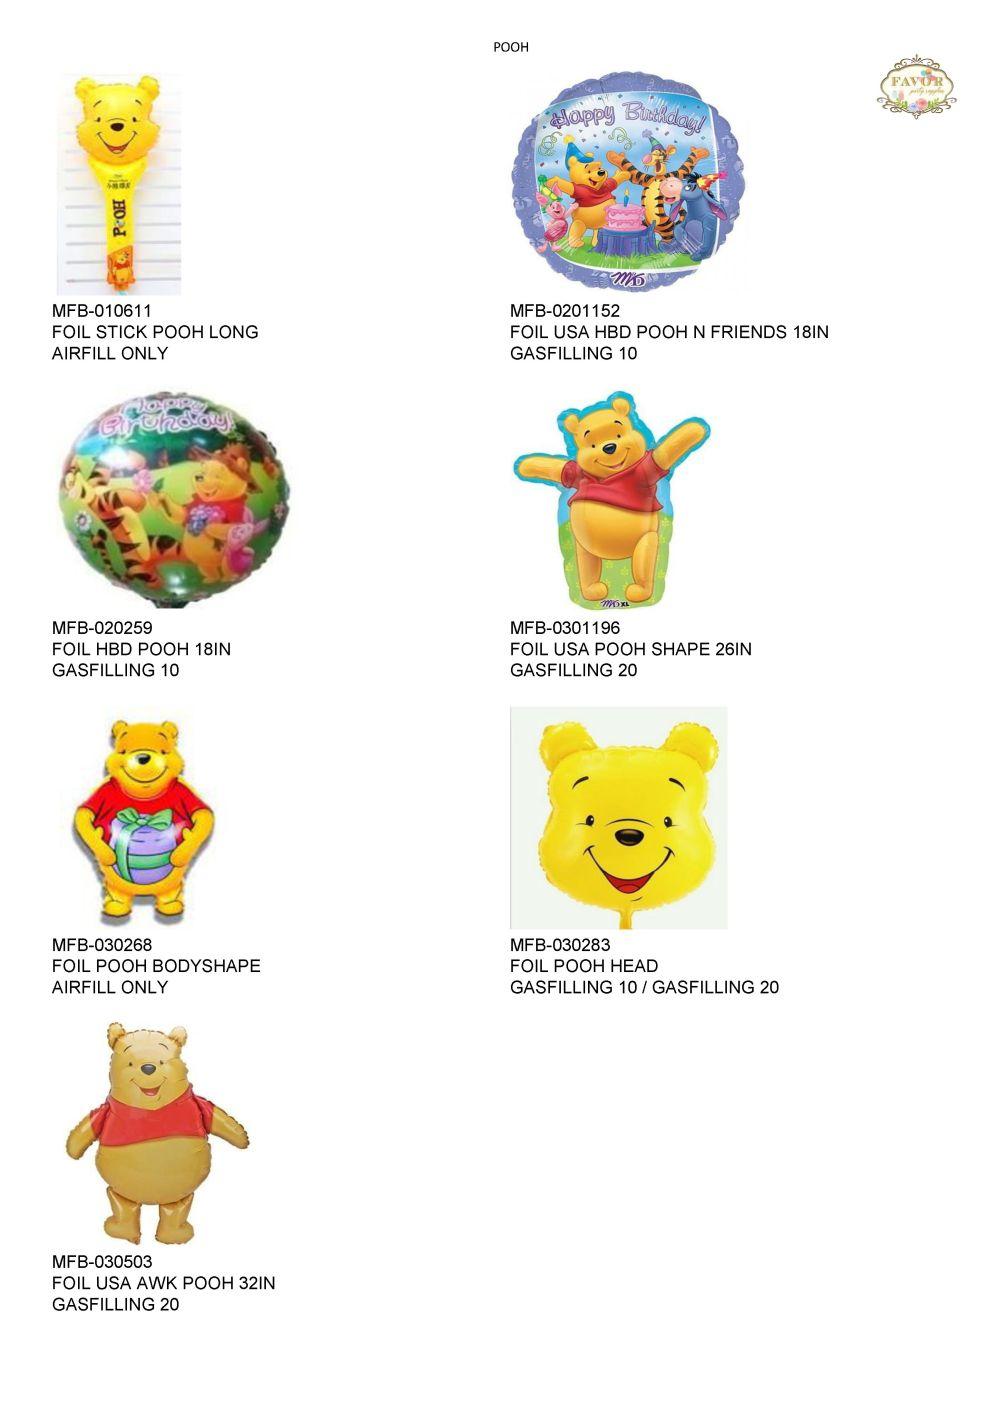 katalog pooh.jpg